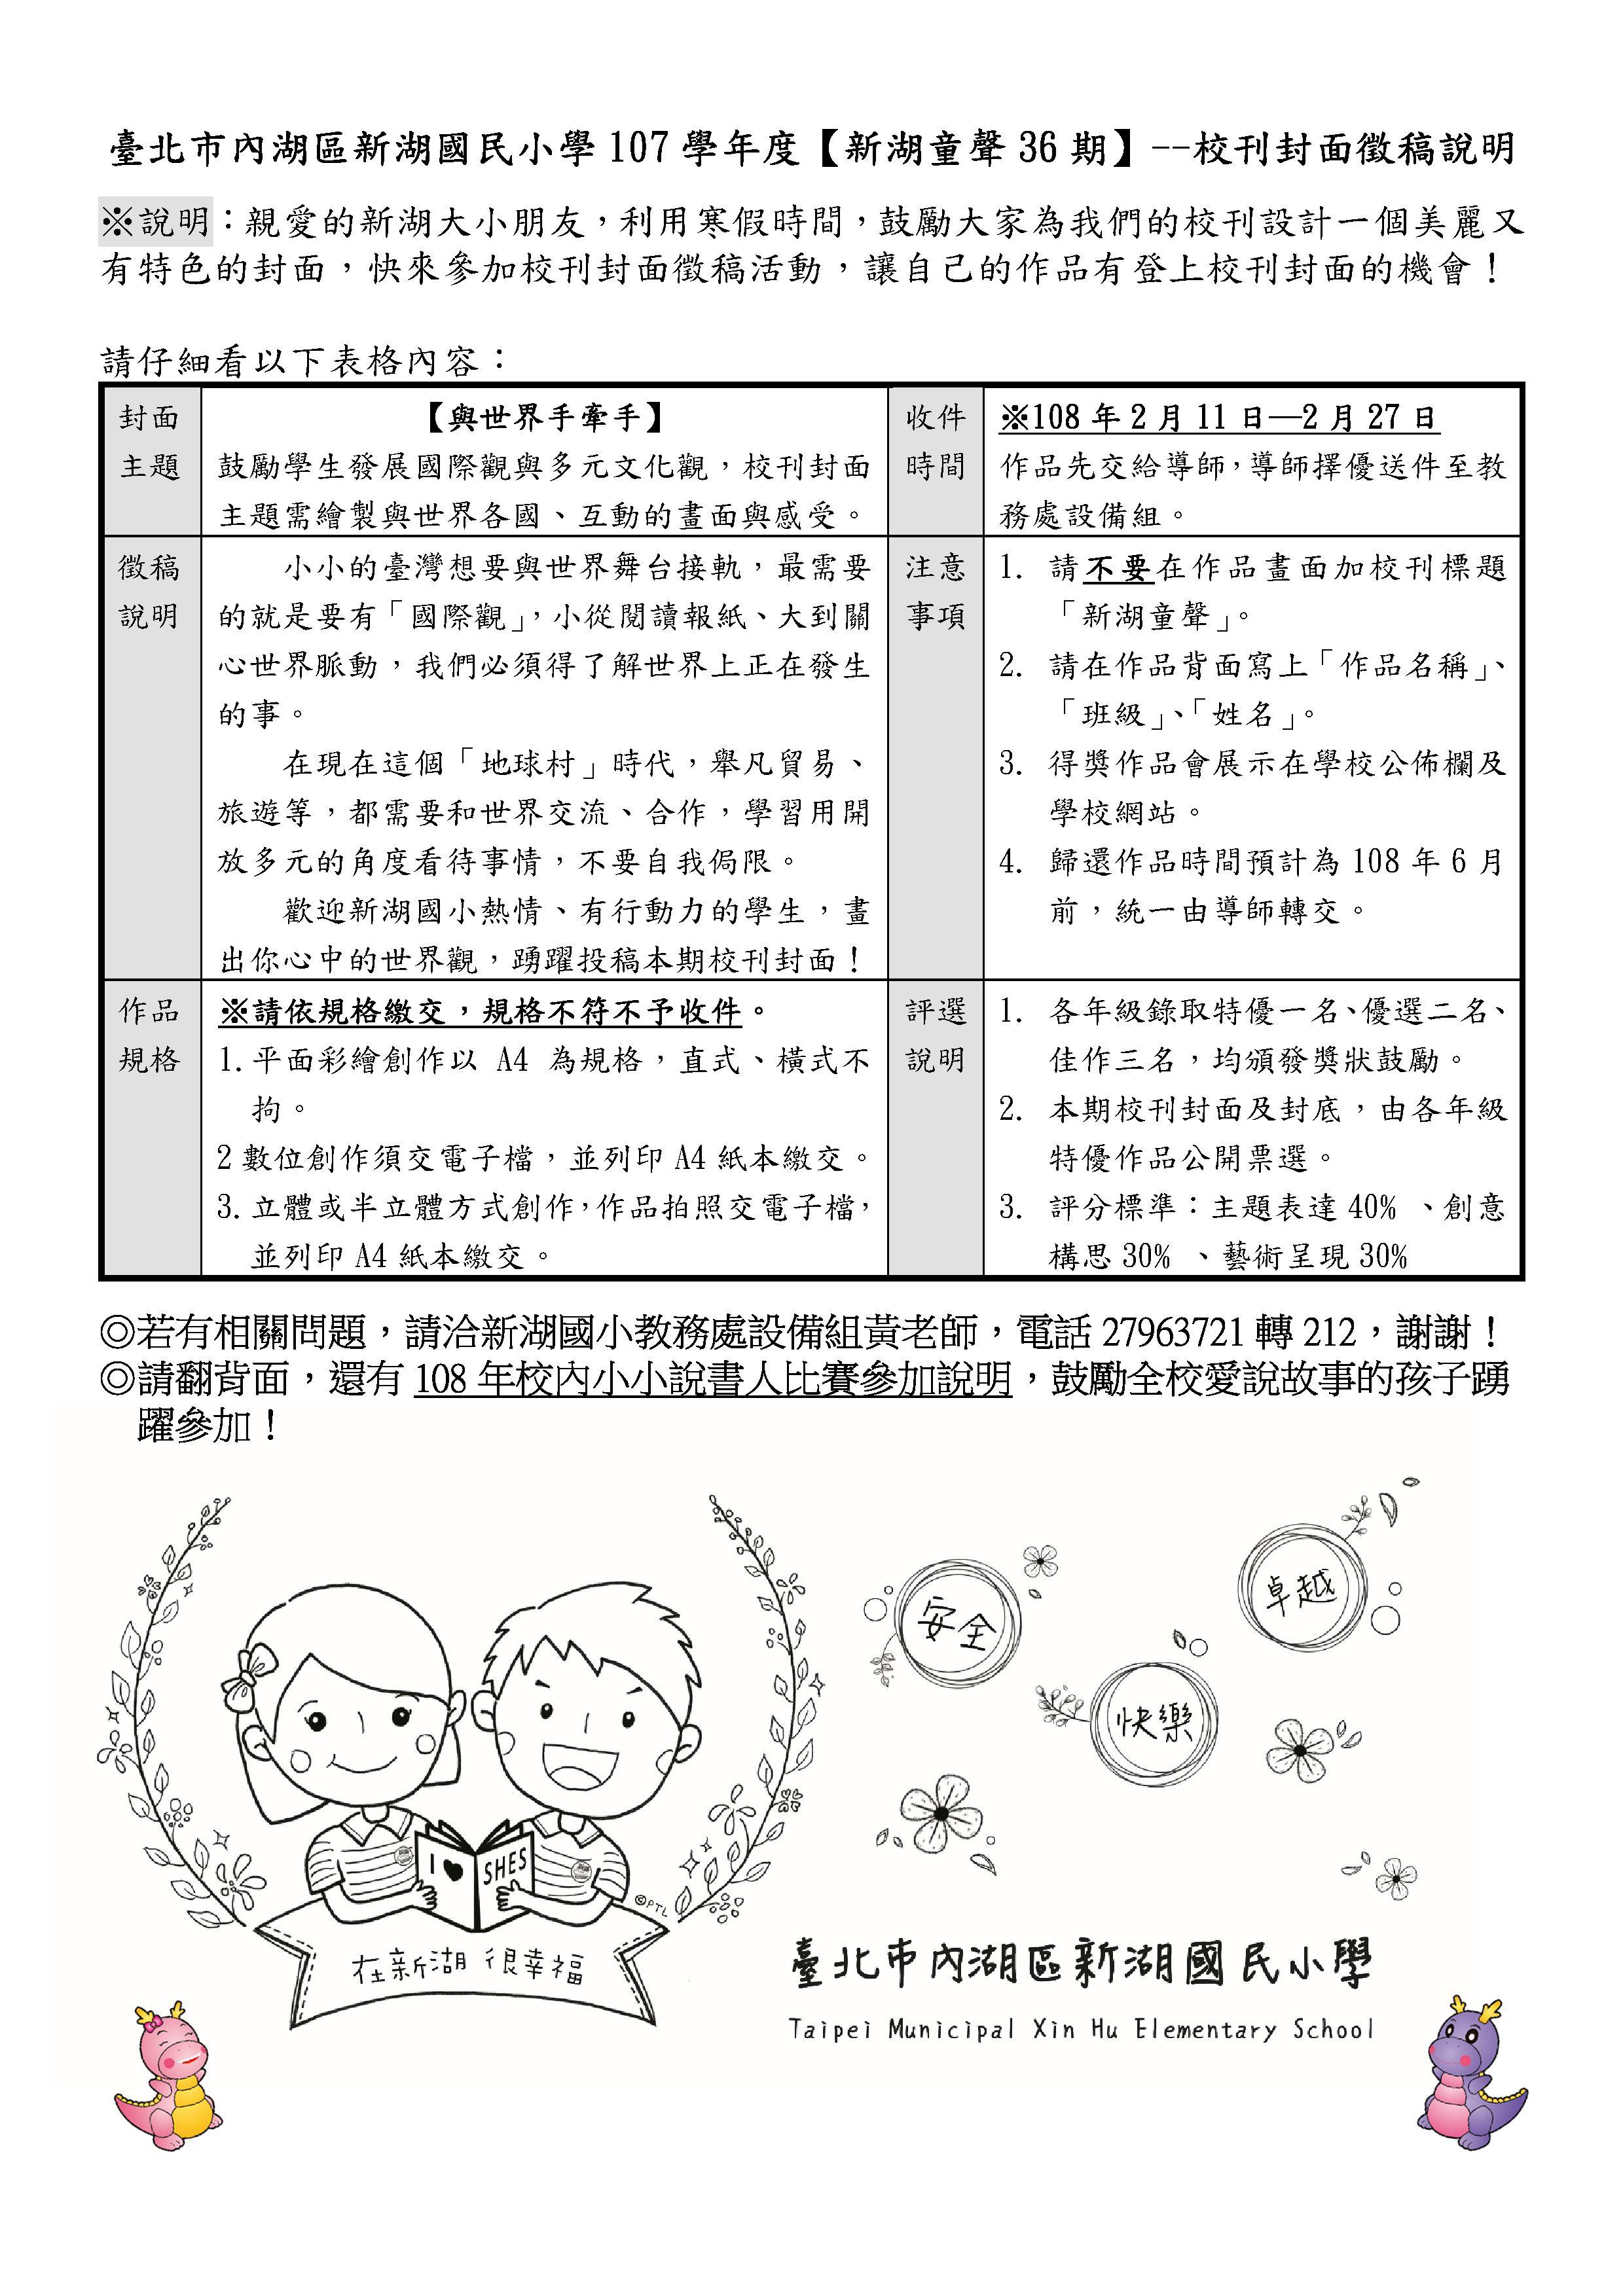 107學年度《新湖童聲36期》校刊封面徵稿說明